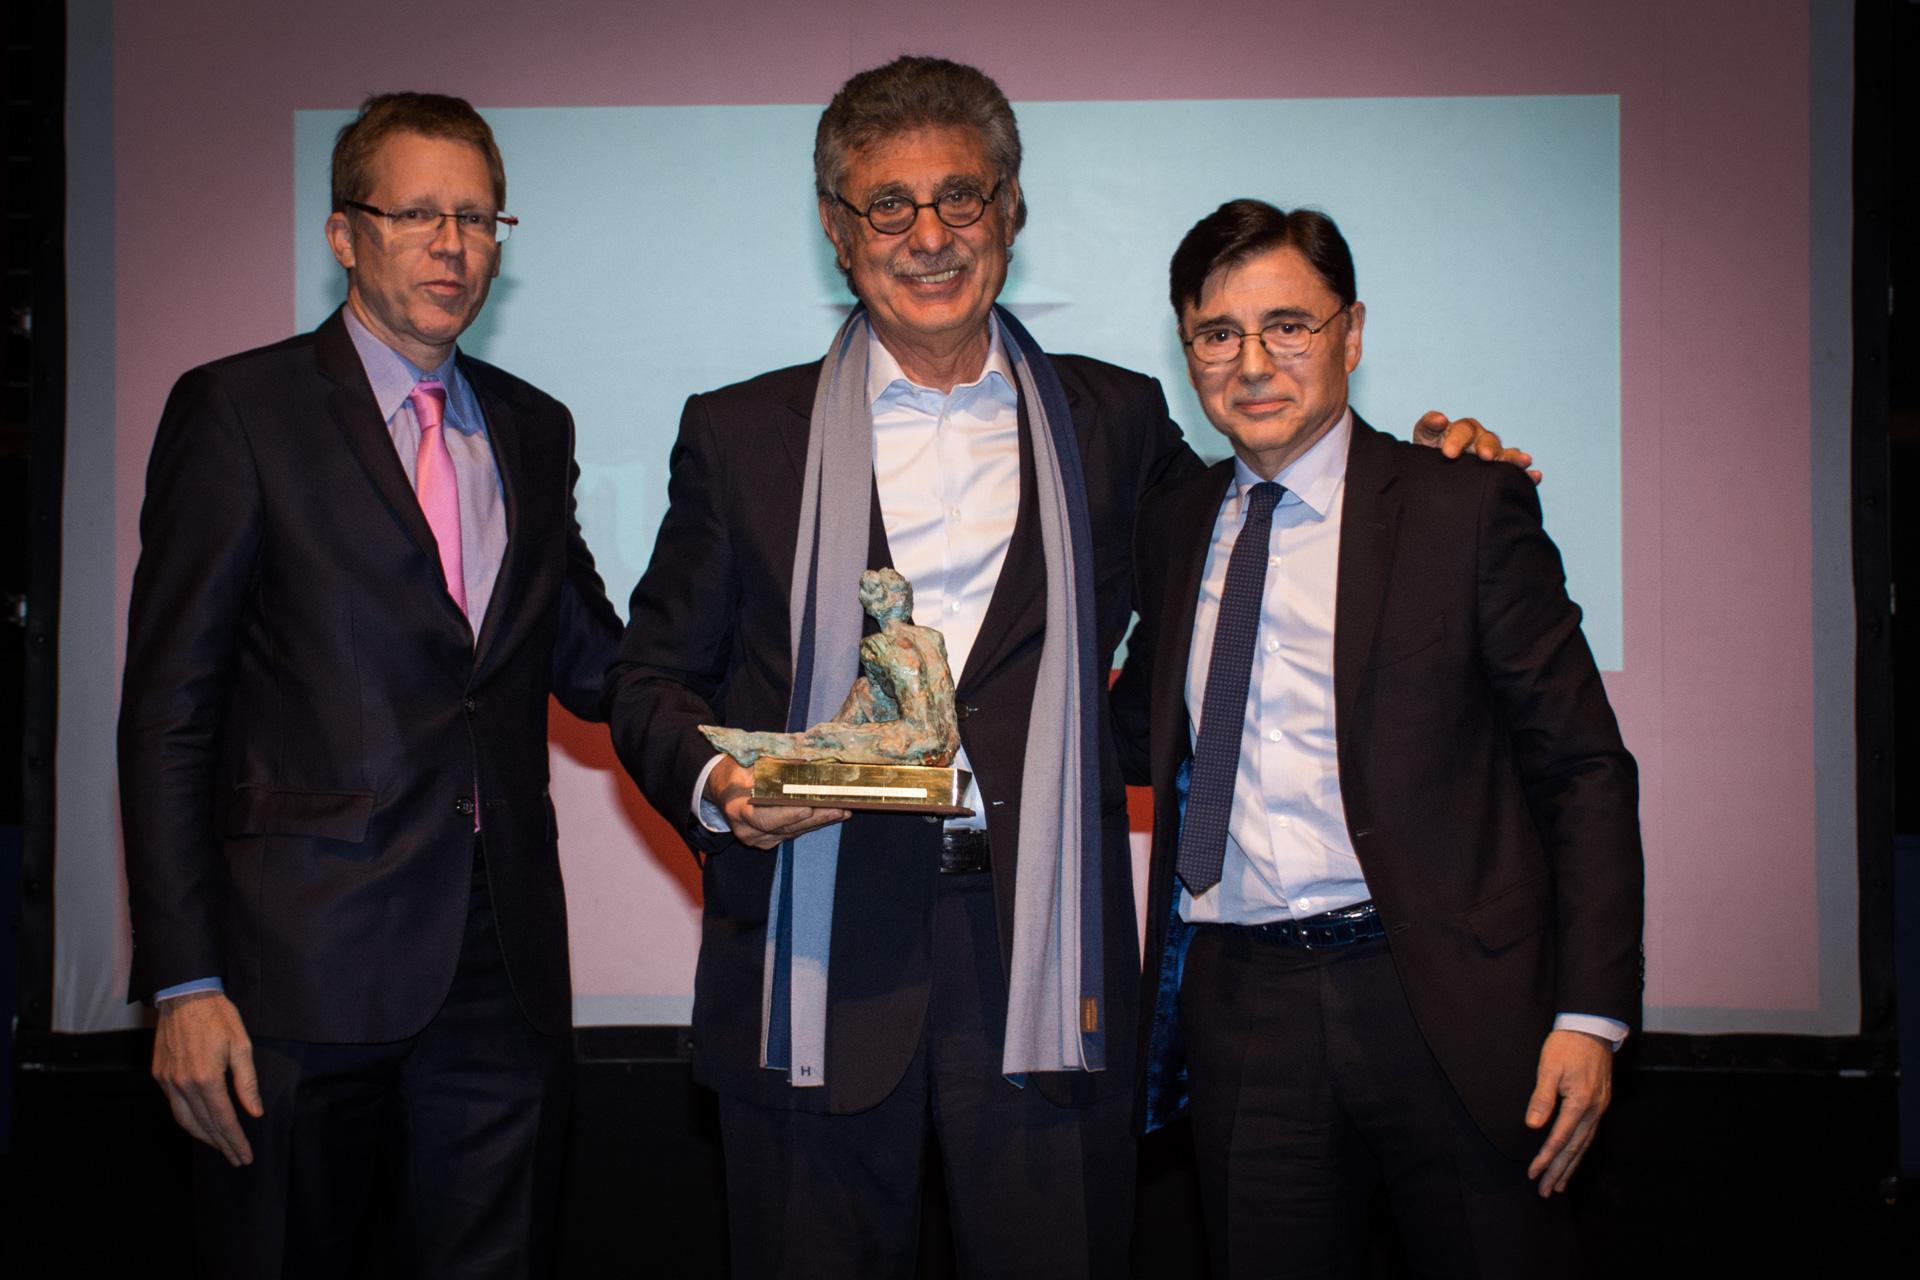 El Premio Fortuna al Empresario Destacado en el Exterior fue para Hugo Sigman, cofundador del Grupo INSUD